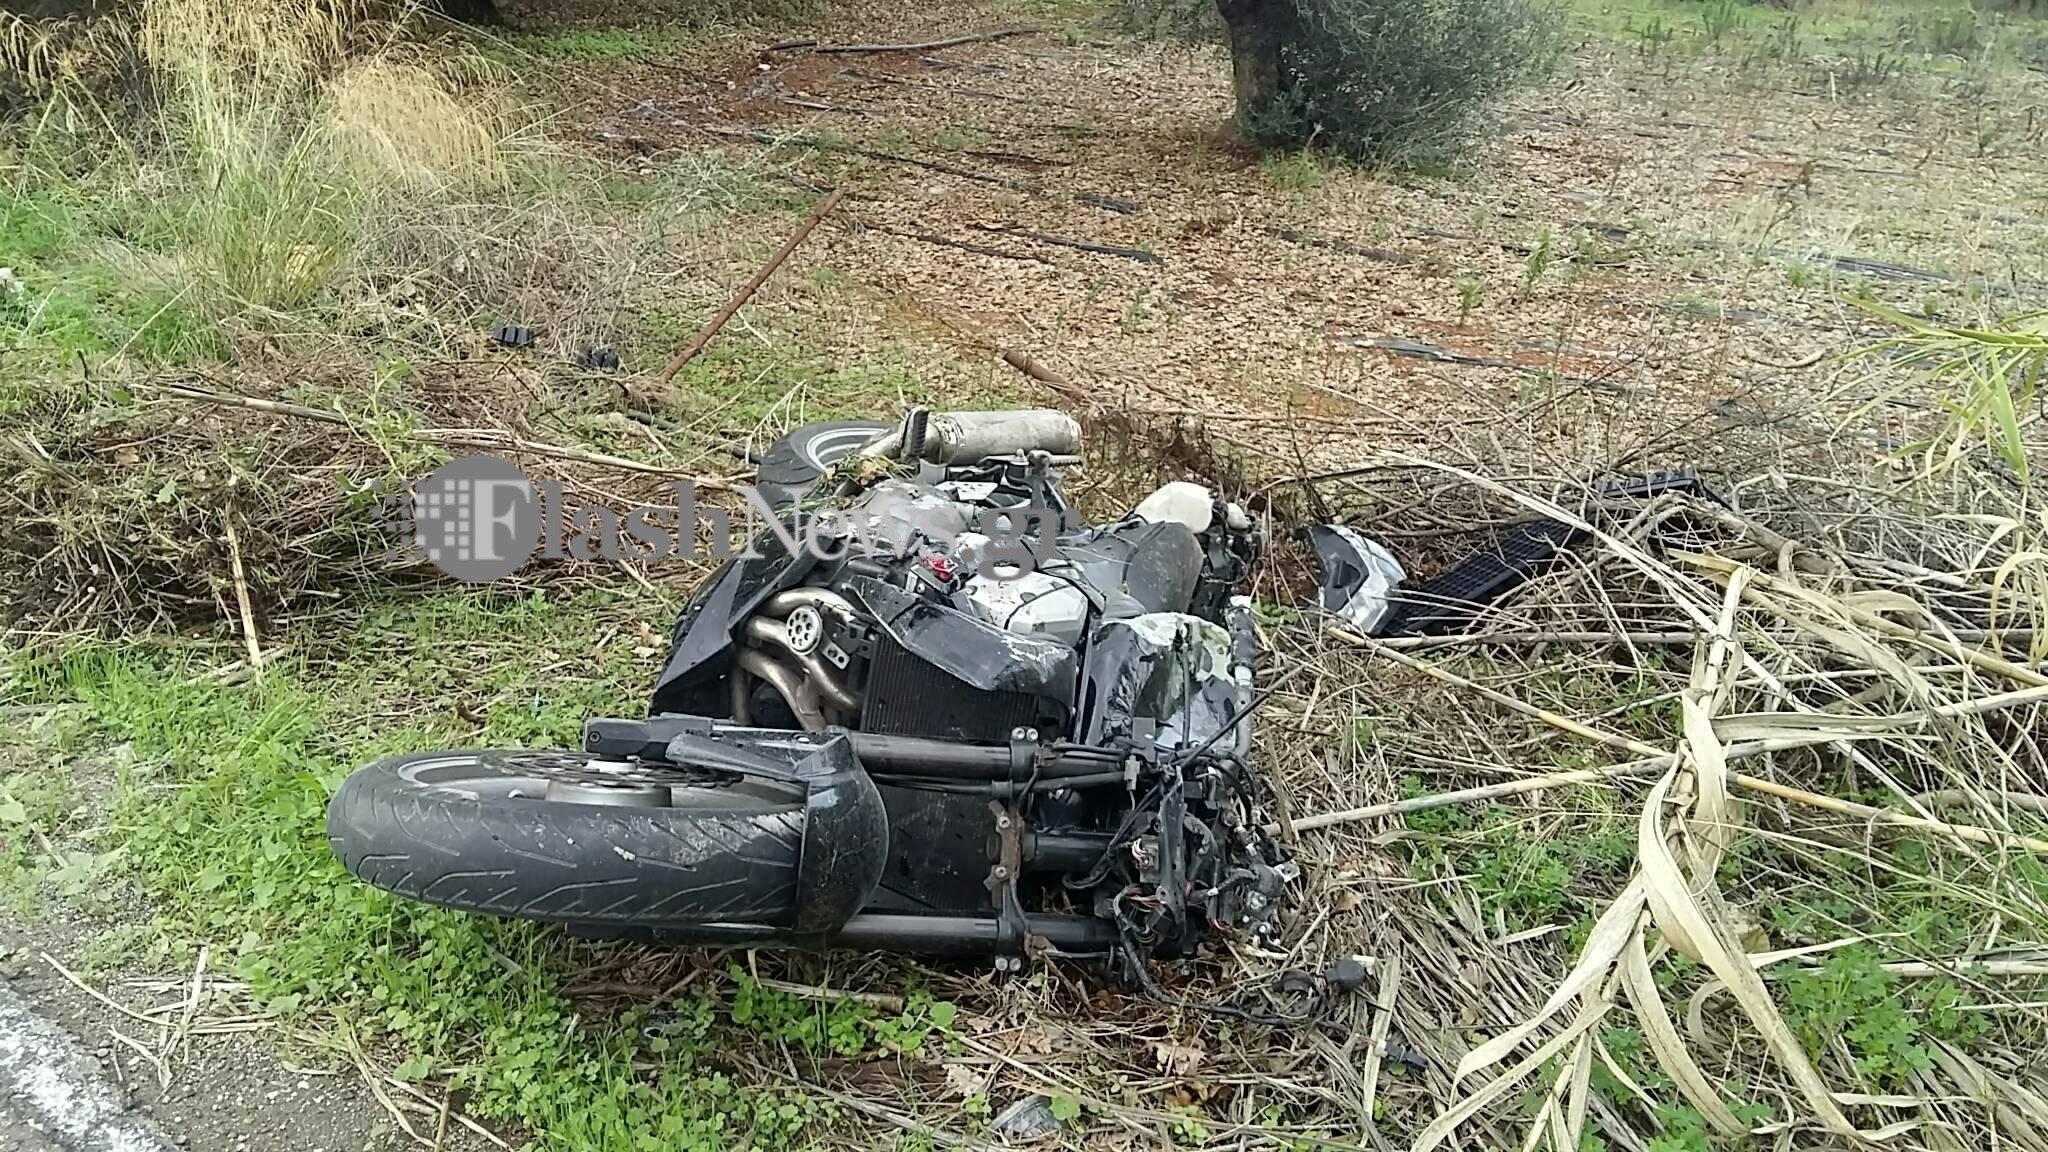 Τραγωδία στην άσφαλτο – Νεκρός 19χρονος με μηχανή στην Κρήτη